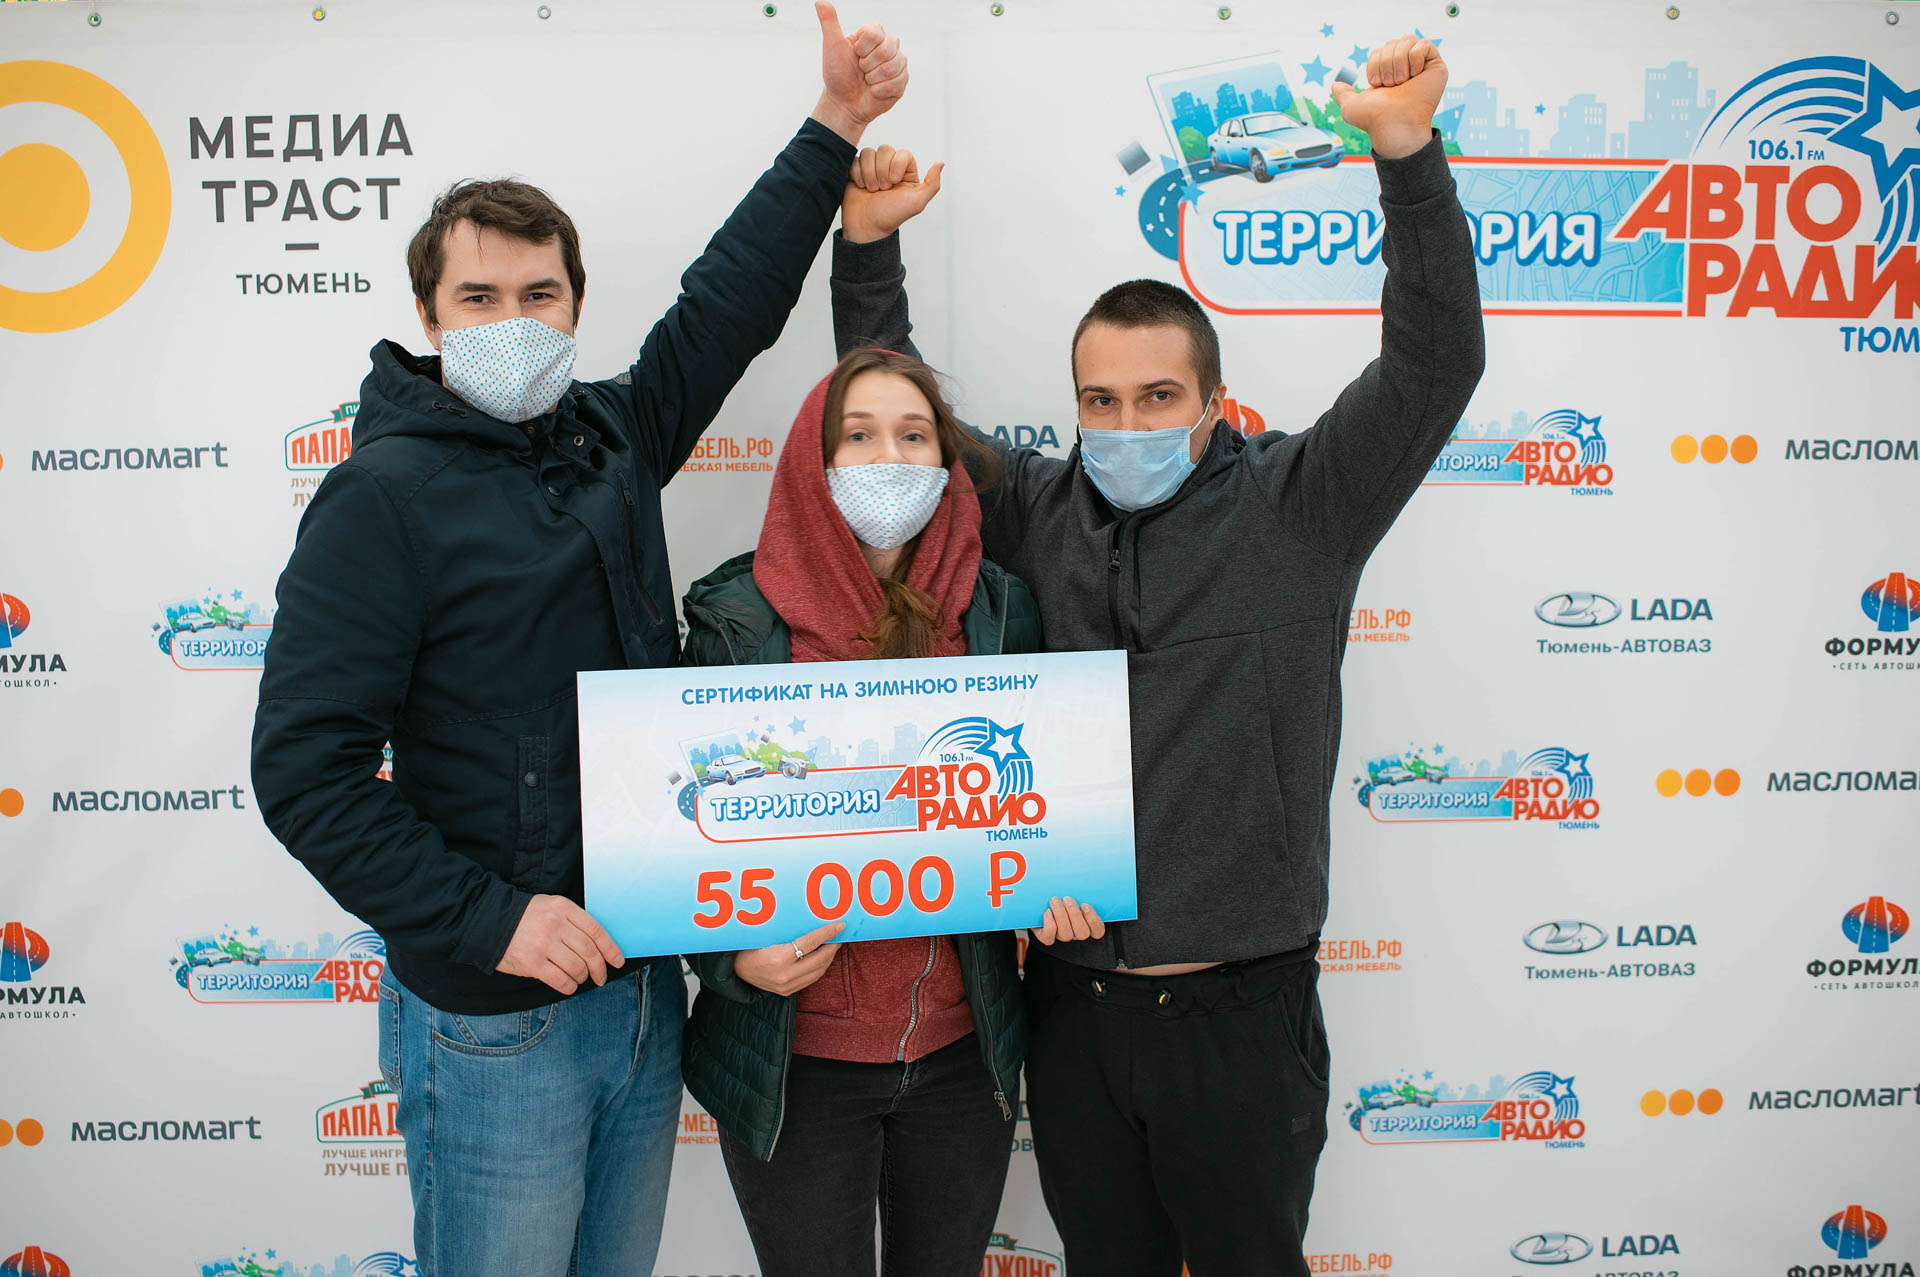 Фото: Geo.pro/Tmn